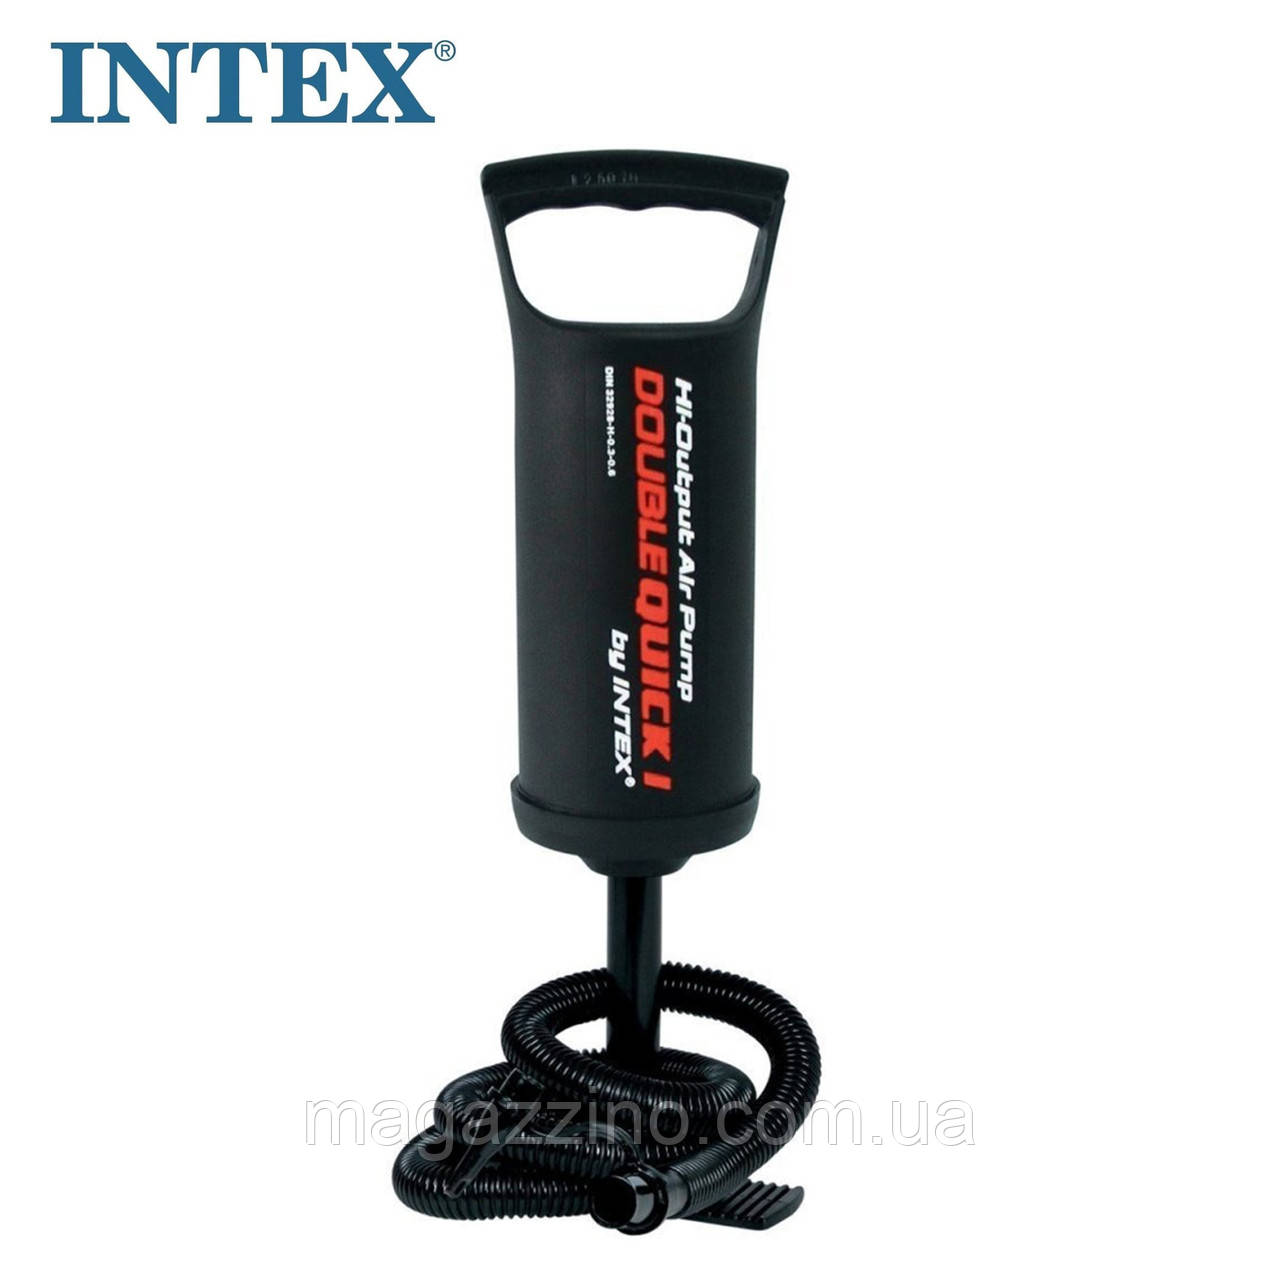 Ручной насос для надувания Intex, 0,9л.